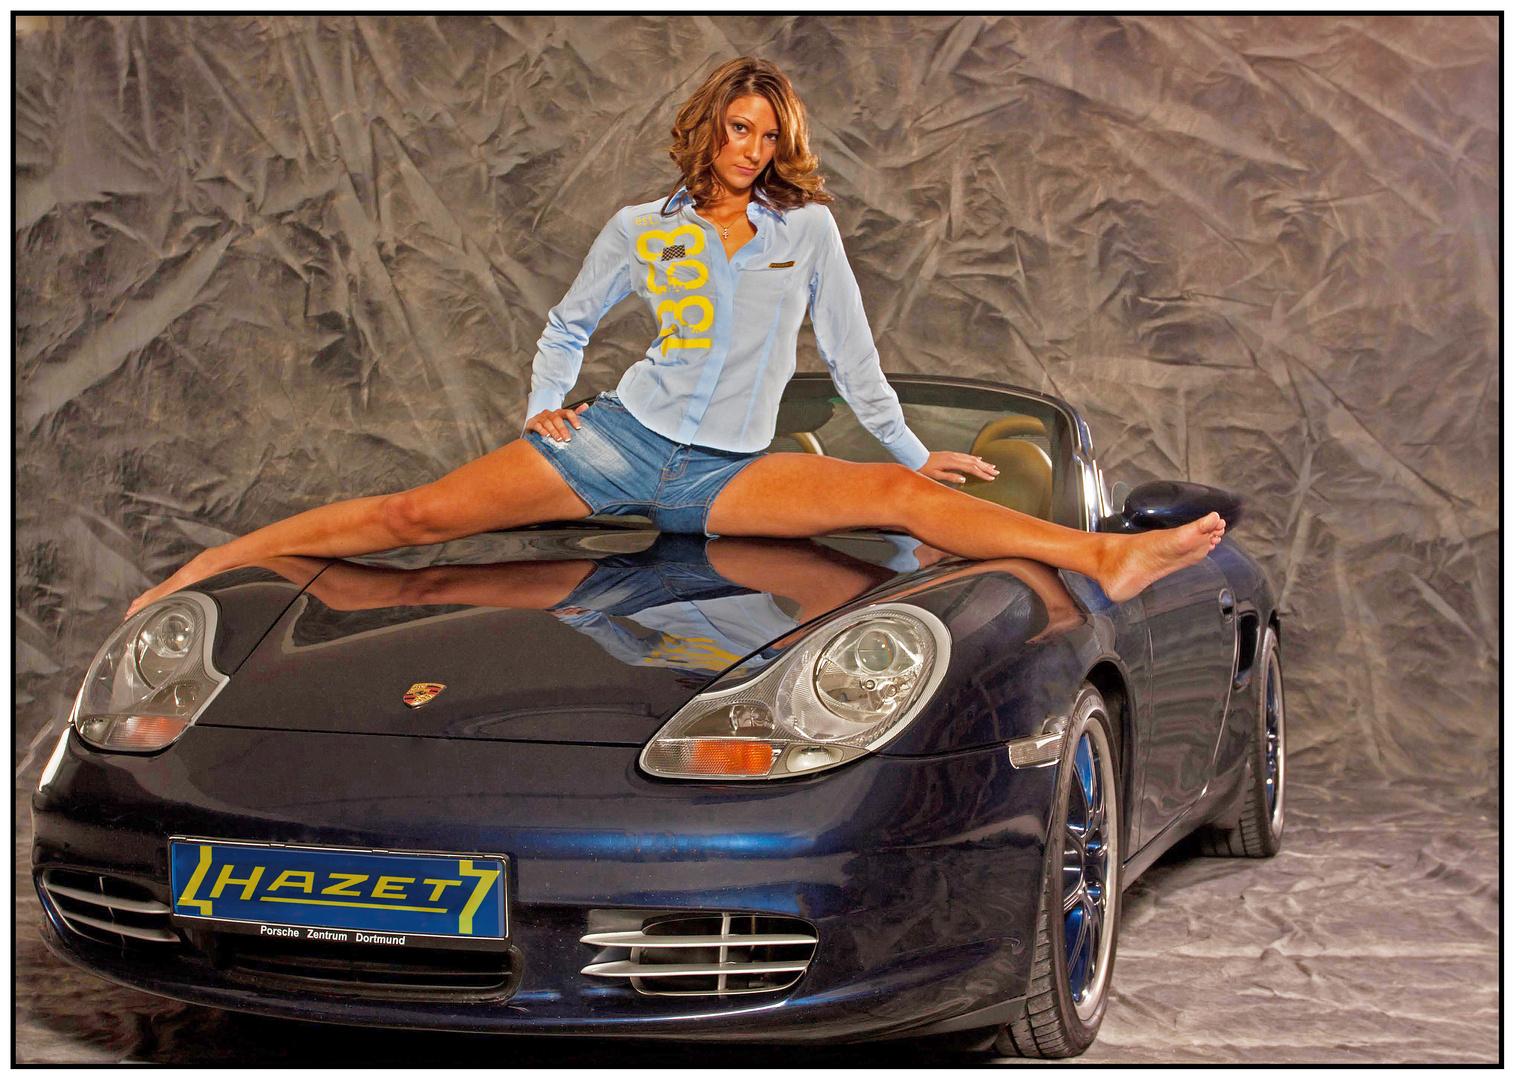 Spagat auf dem Porsche